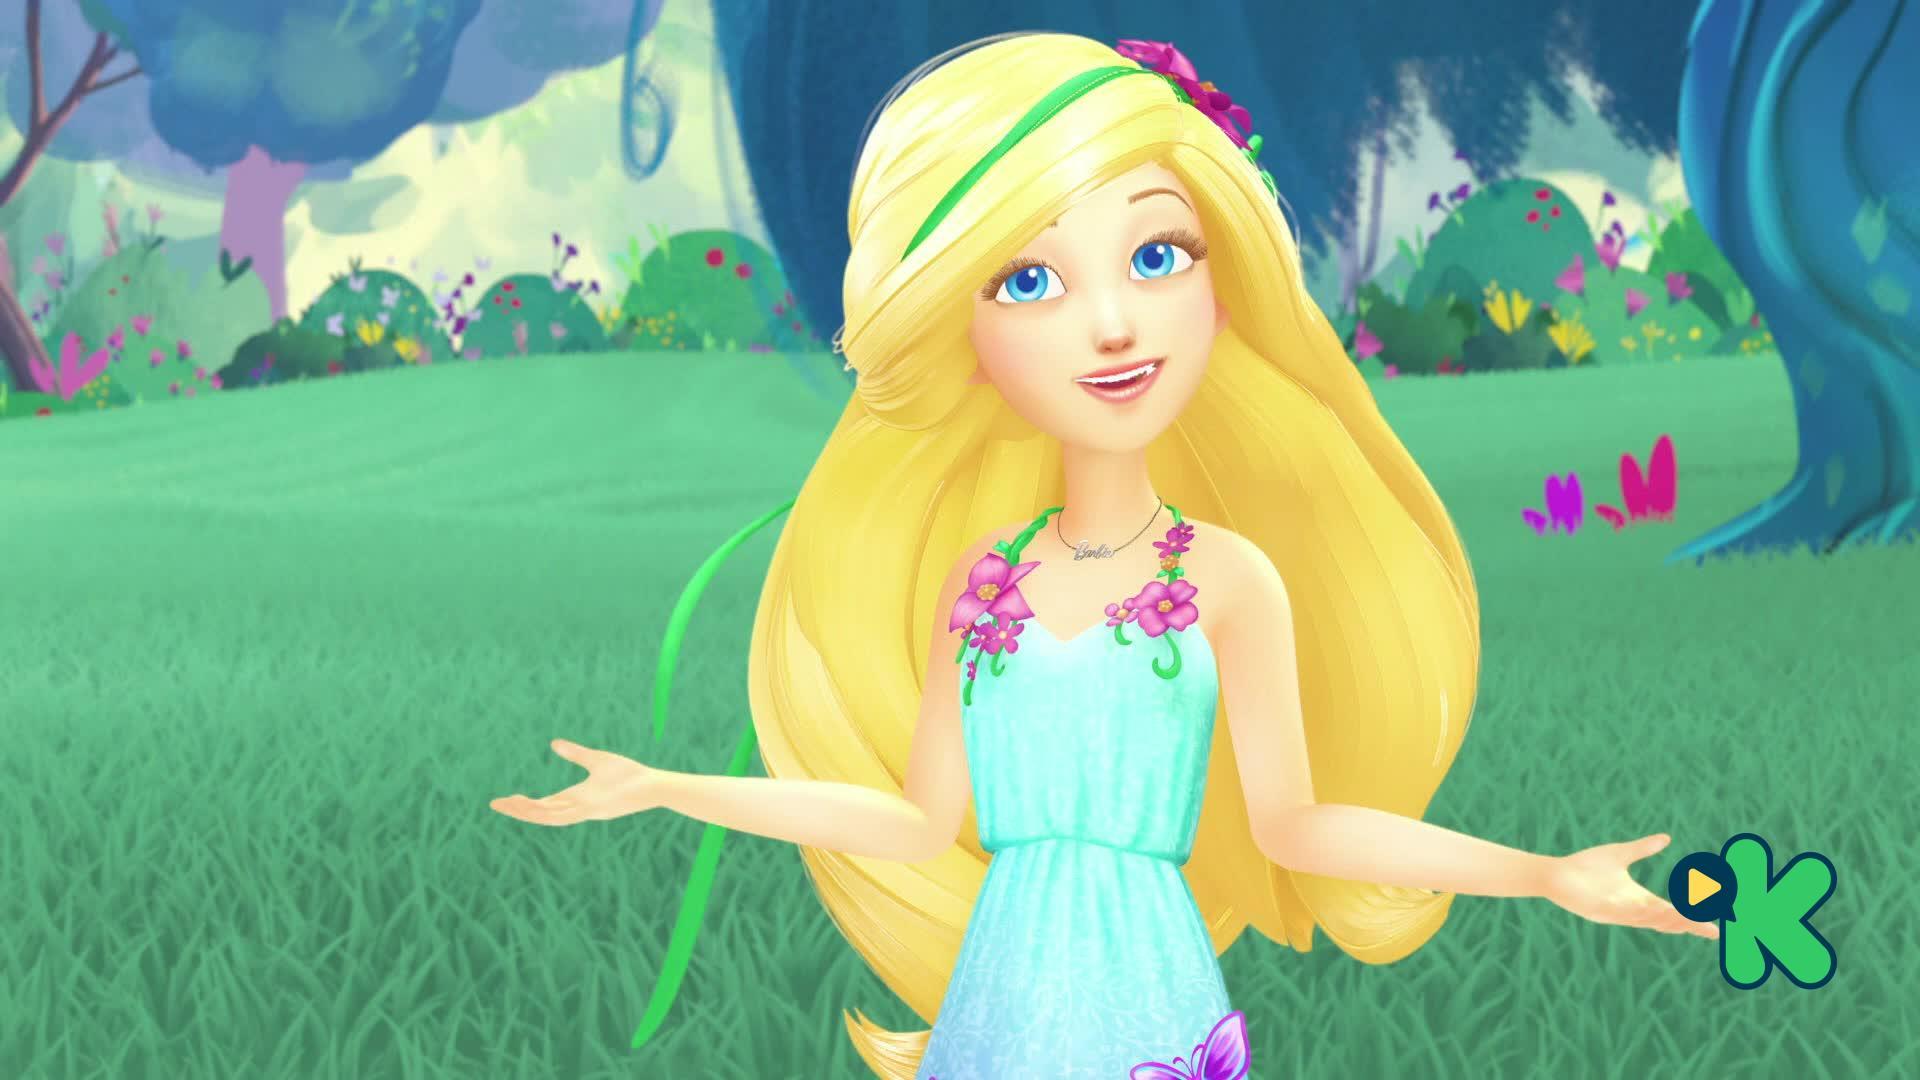 Barbie Dreamtopia: Ep. 6